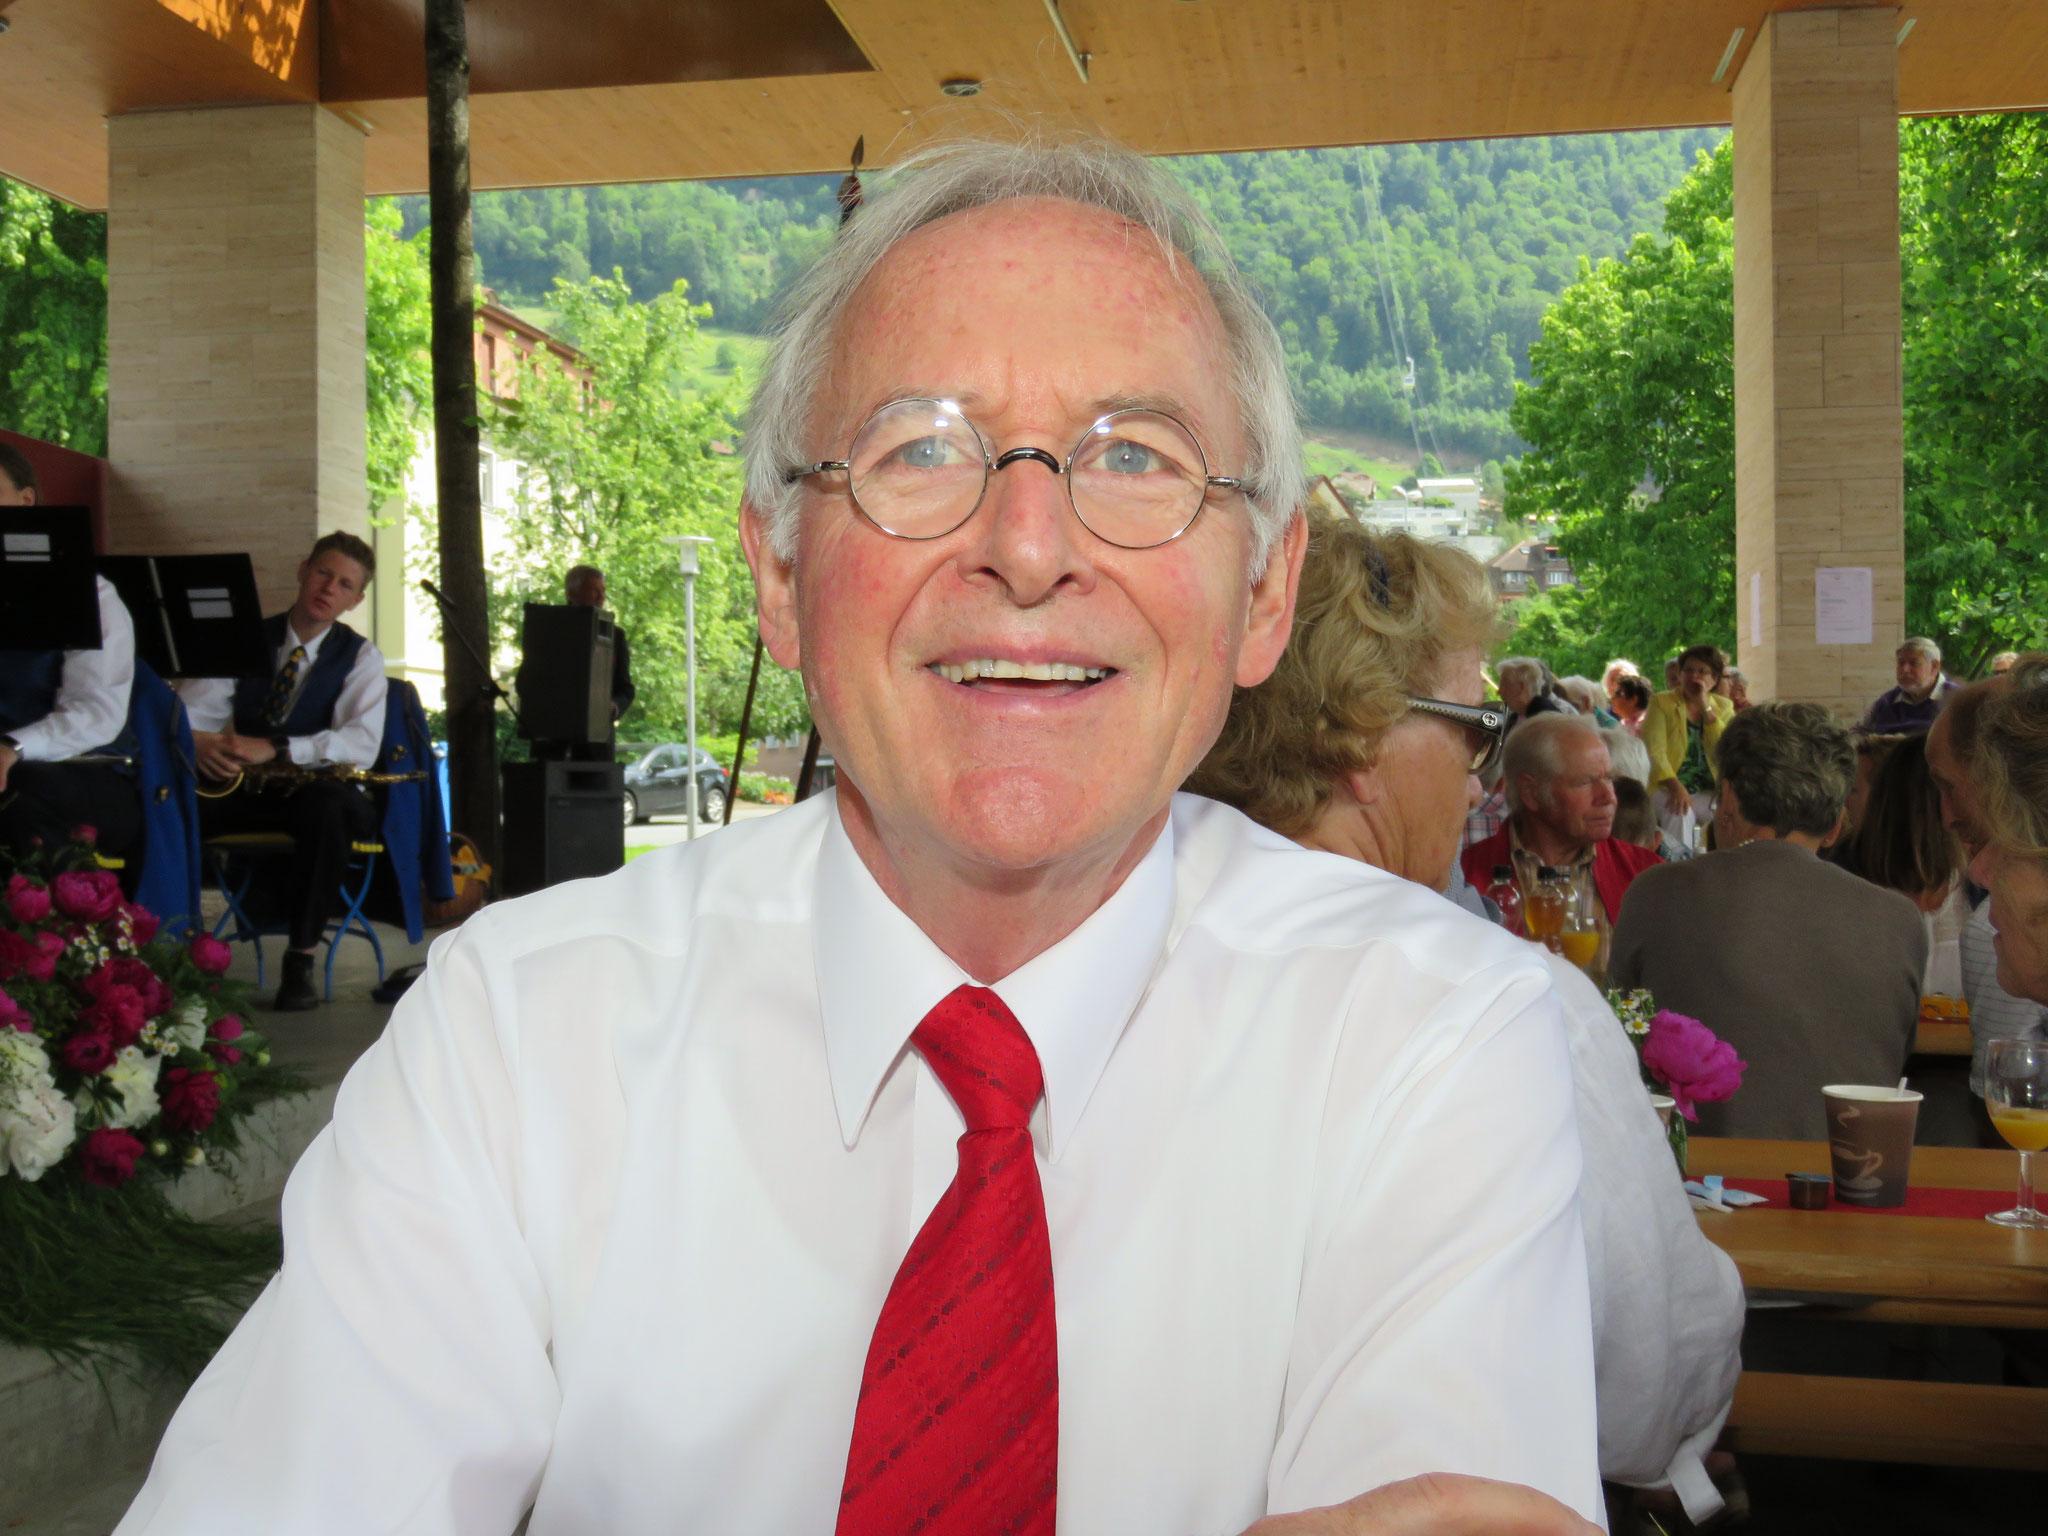 Unserem Trompetisten Gallus Bucher ist die Freude über das gelungene Fest sichtlich ins Gesicht geschrieben.